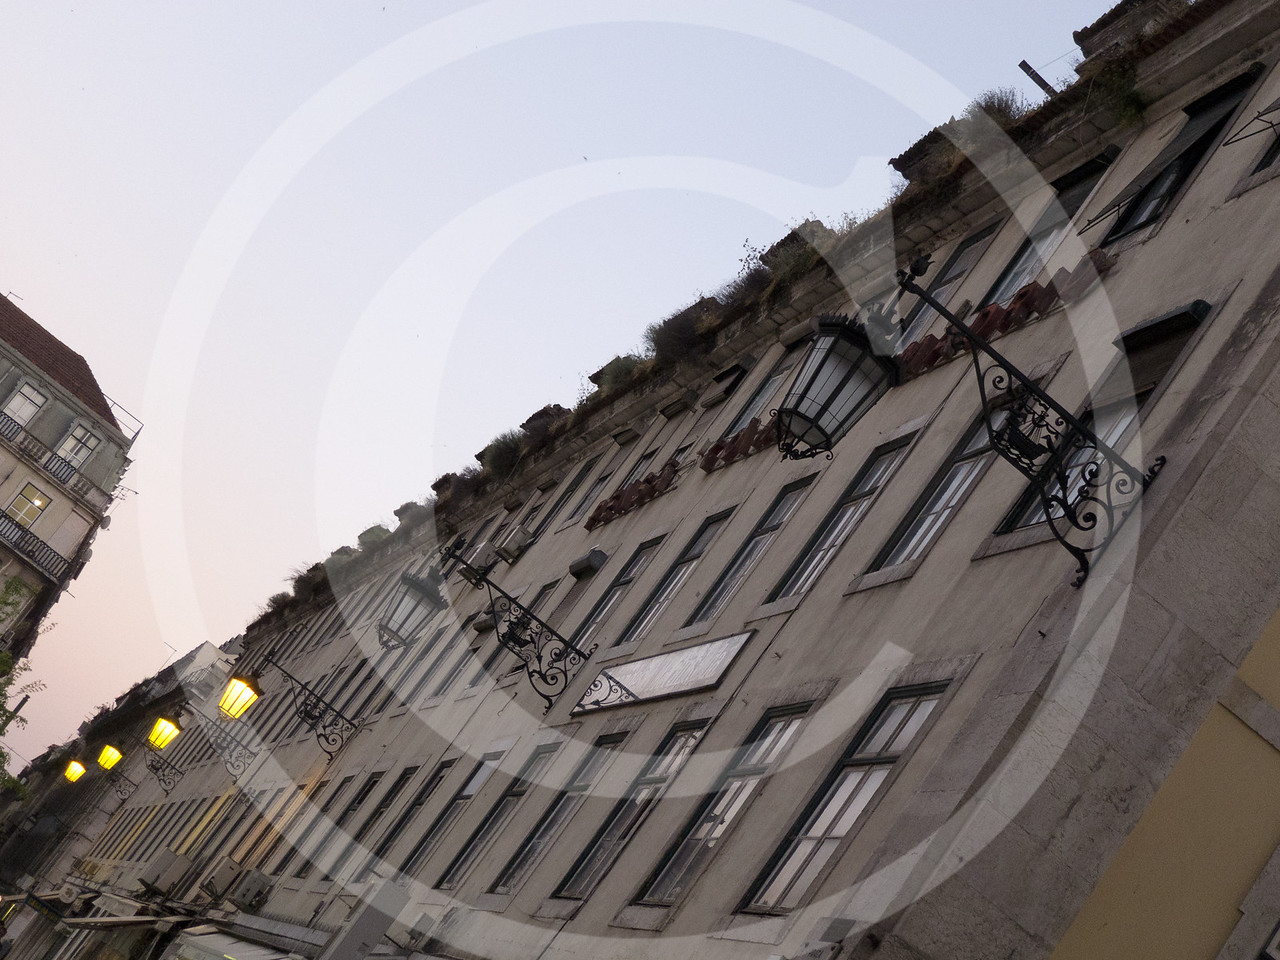 Lisboa0420111415-088